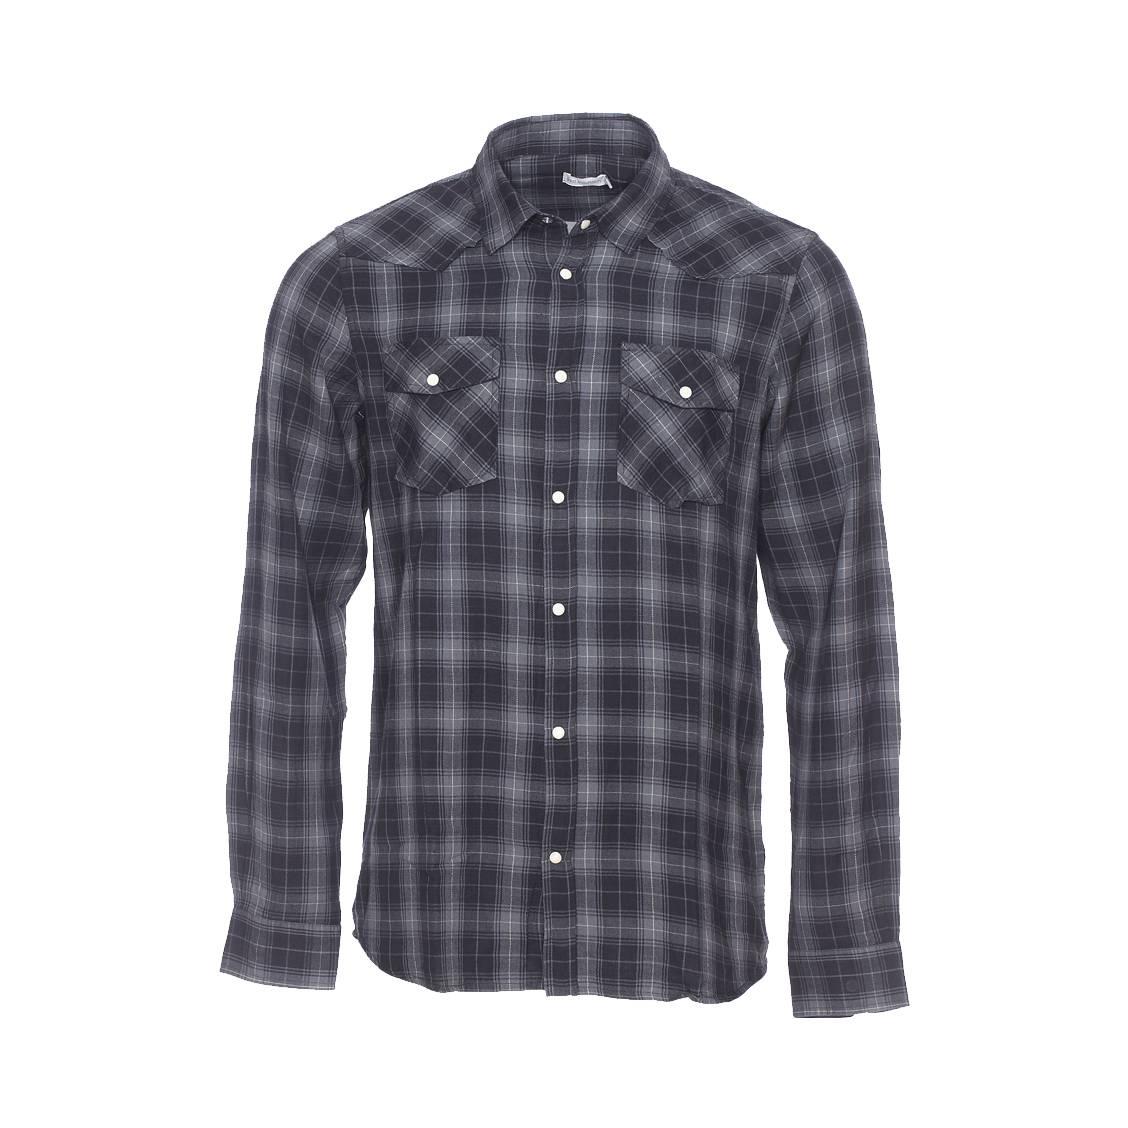 Chemise  en flanelle à petits carreaux gris anthracite et noirs